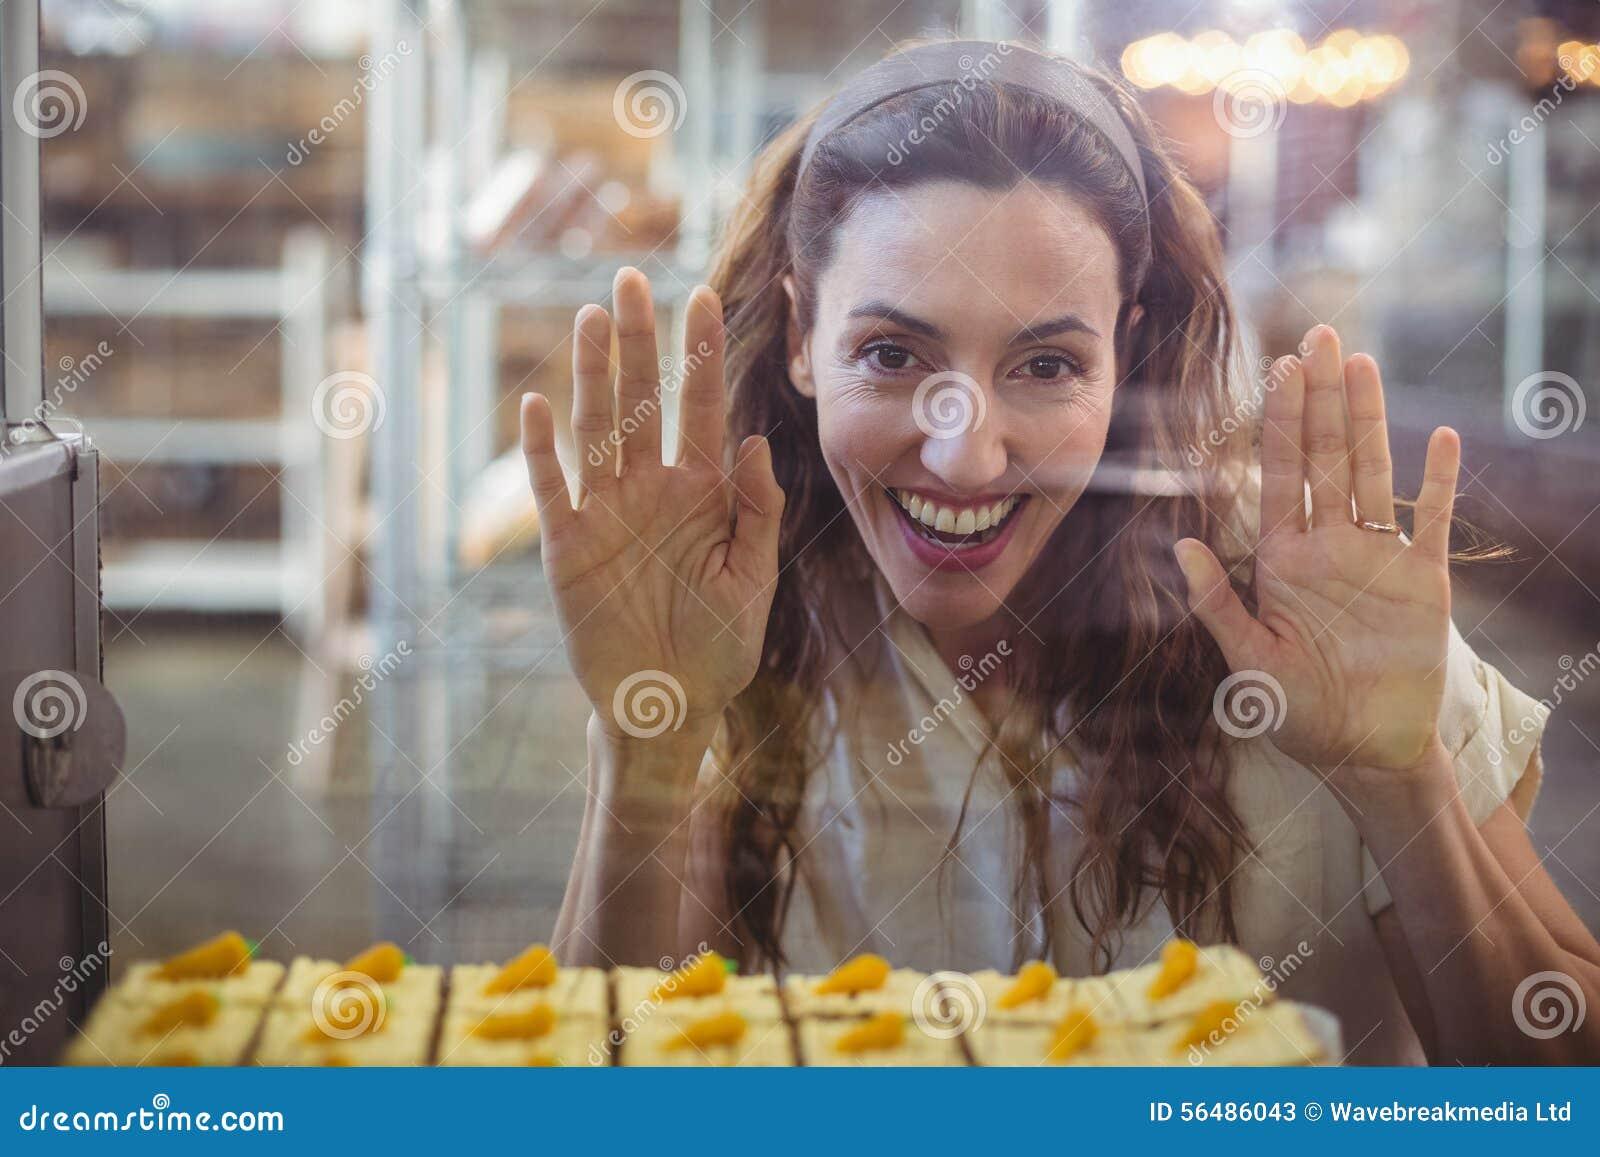 Jolie brune regardant des pâtisseries par le verre